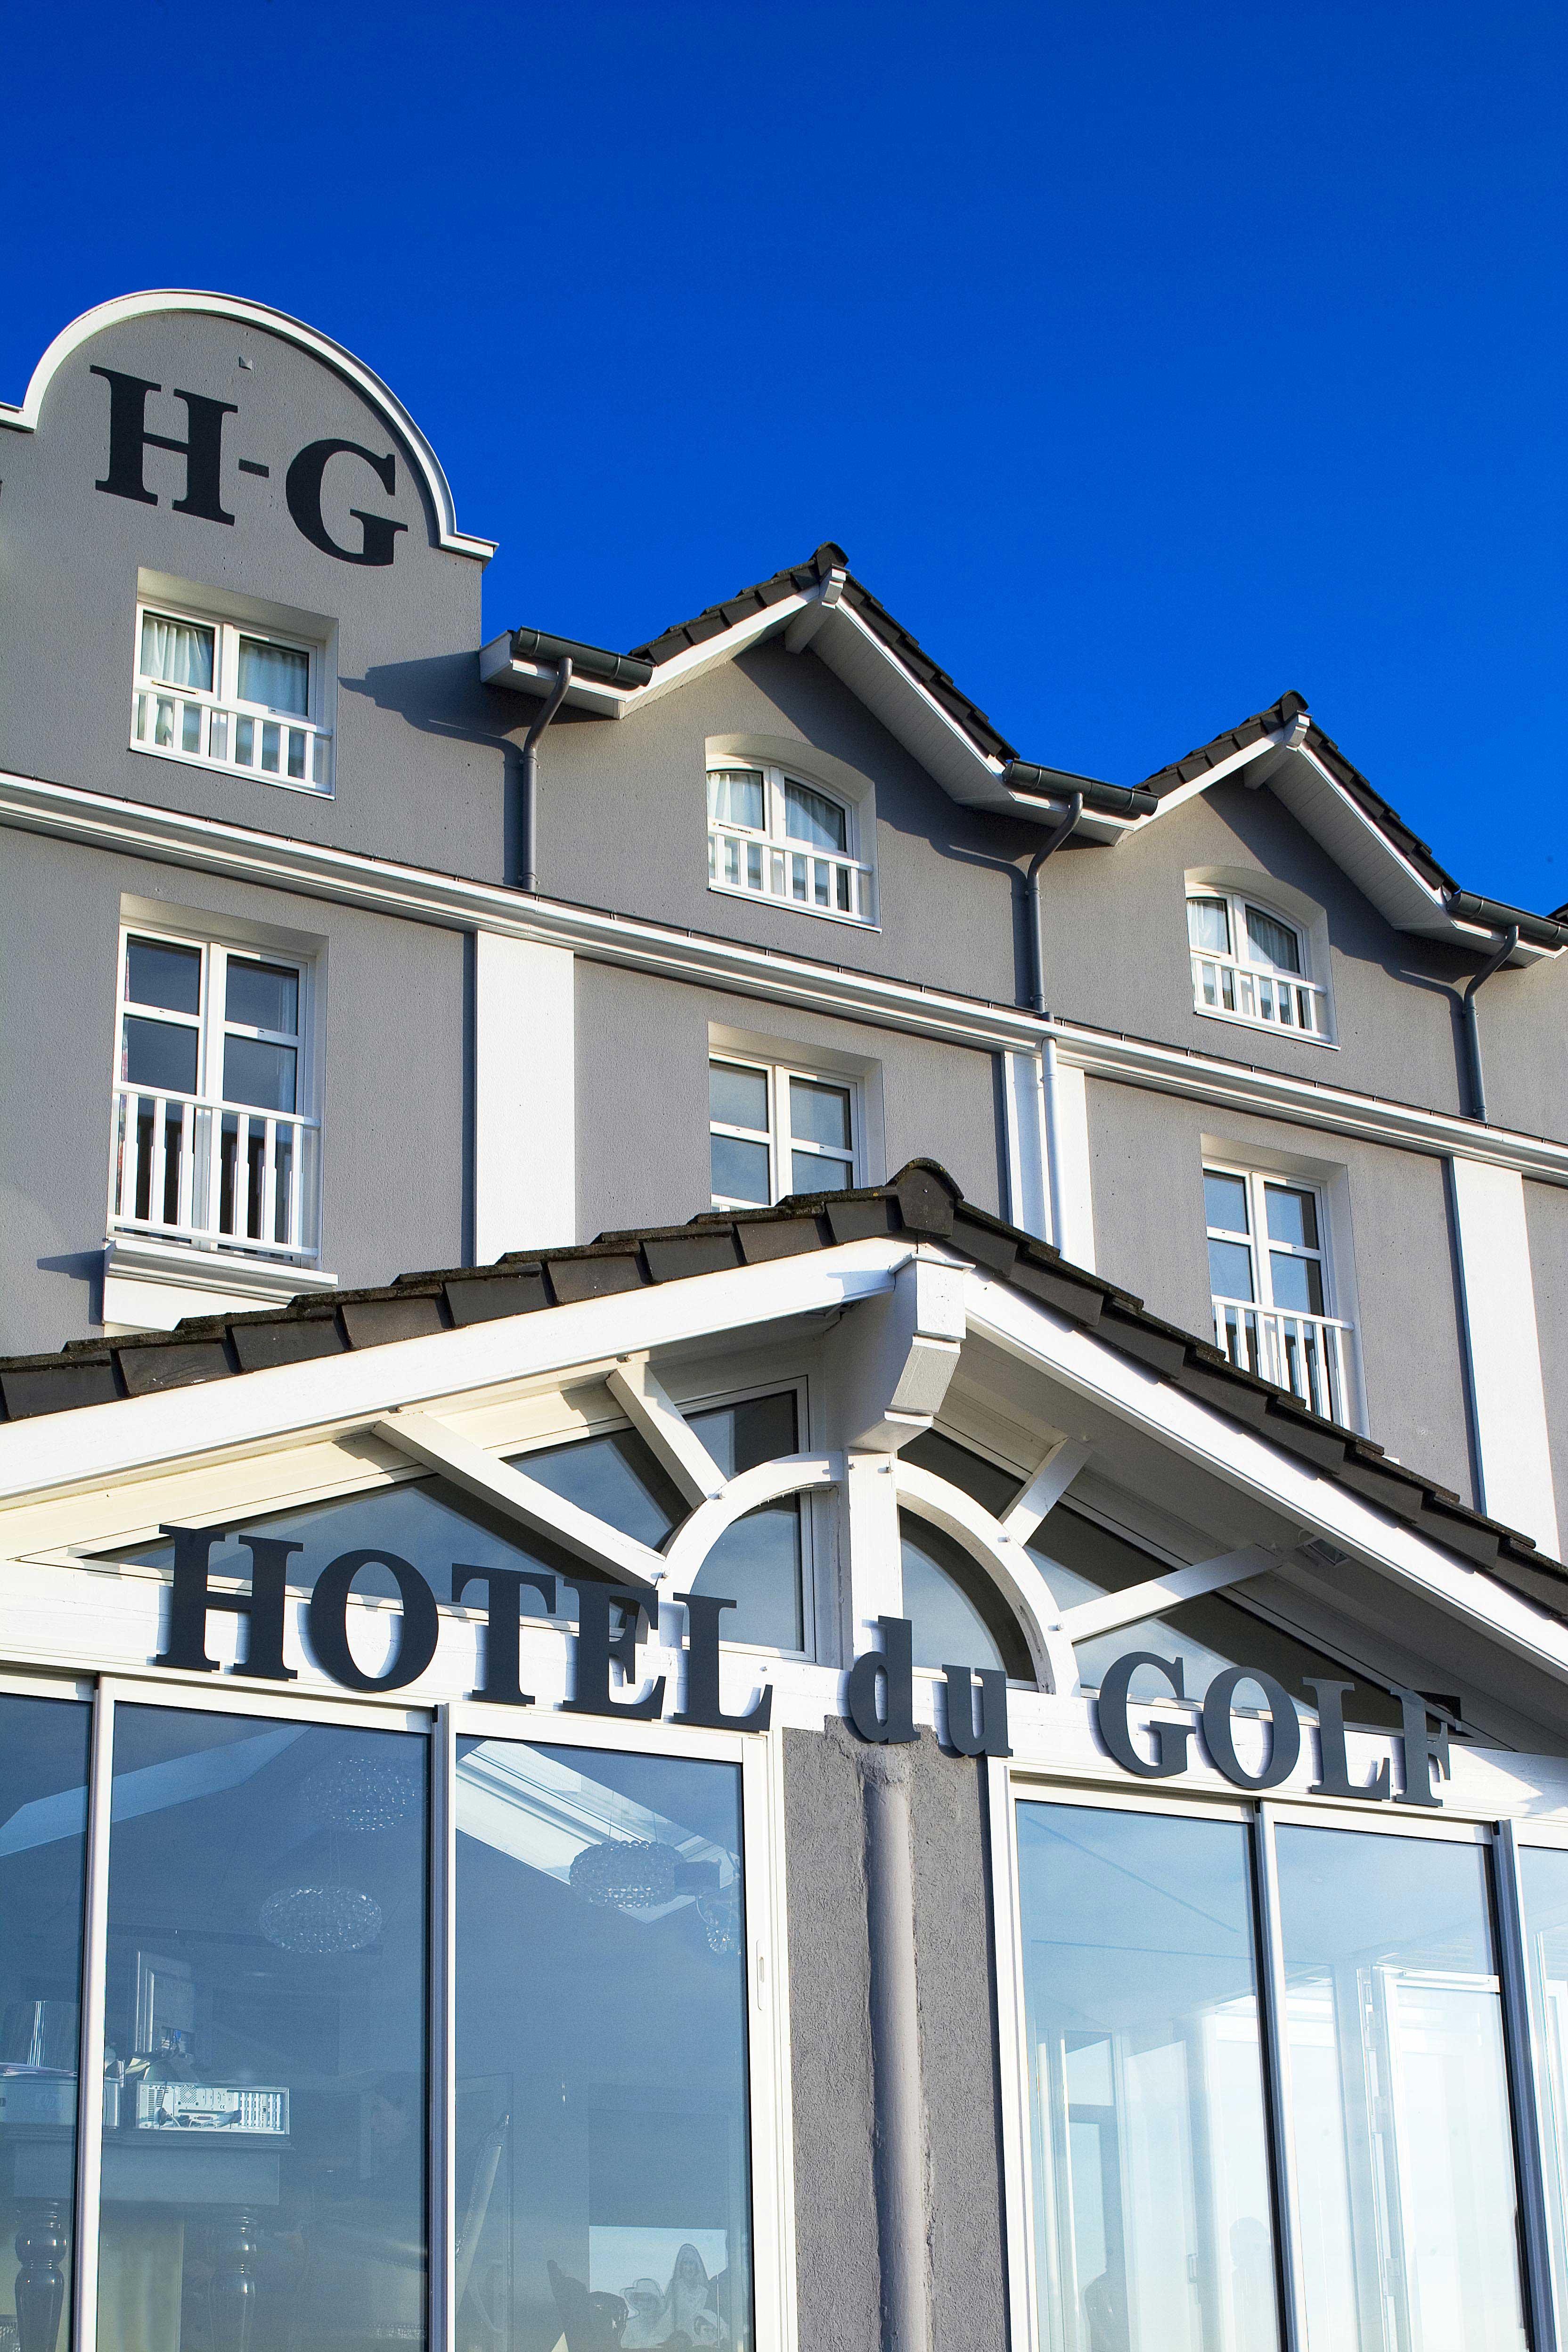 rbconcept-hotel-du-golf-facade